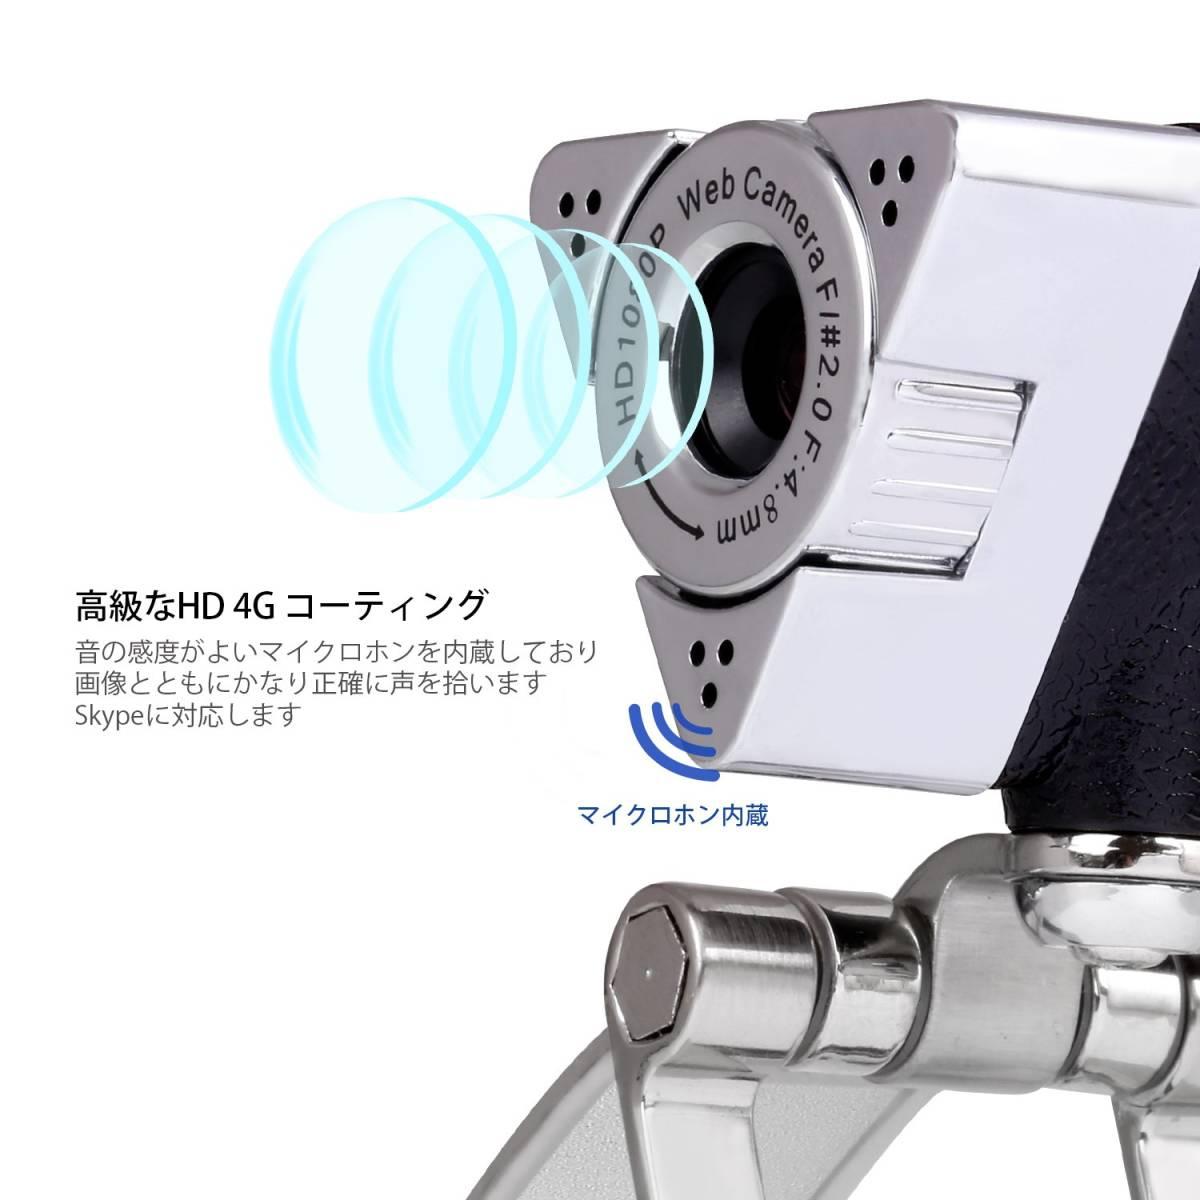 新品●PAPALOOK PA187 ウェブカメラ web カメラ Webカム HD画質 ネットワークカメラ C6480_画像2